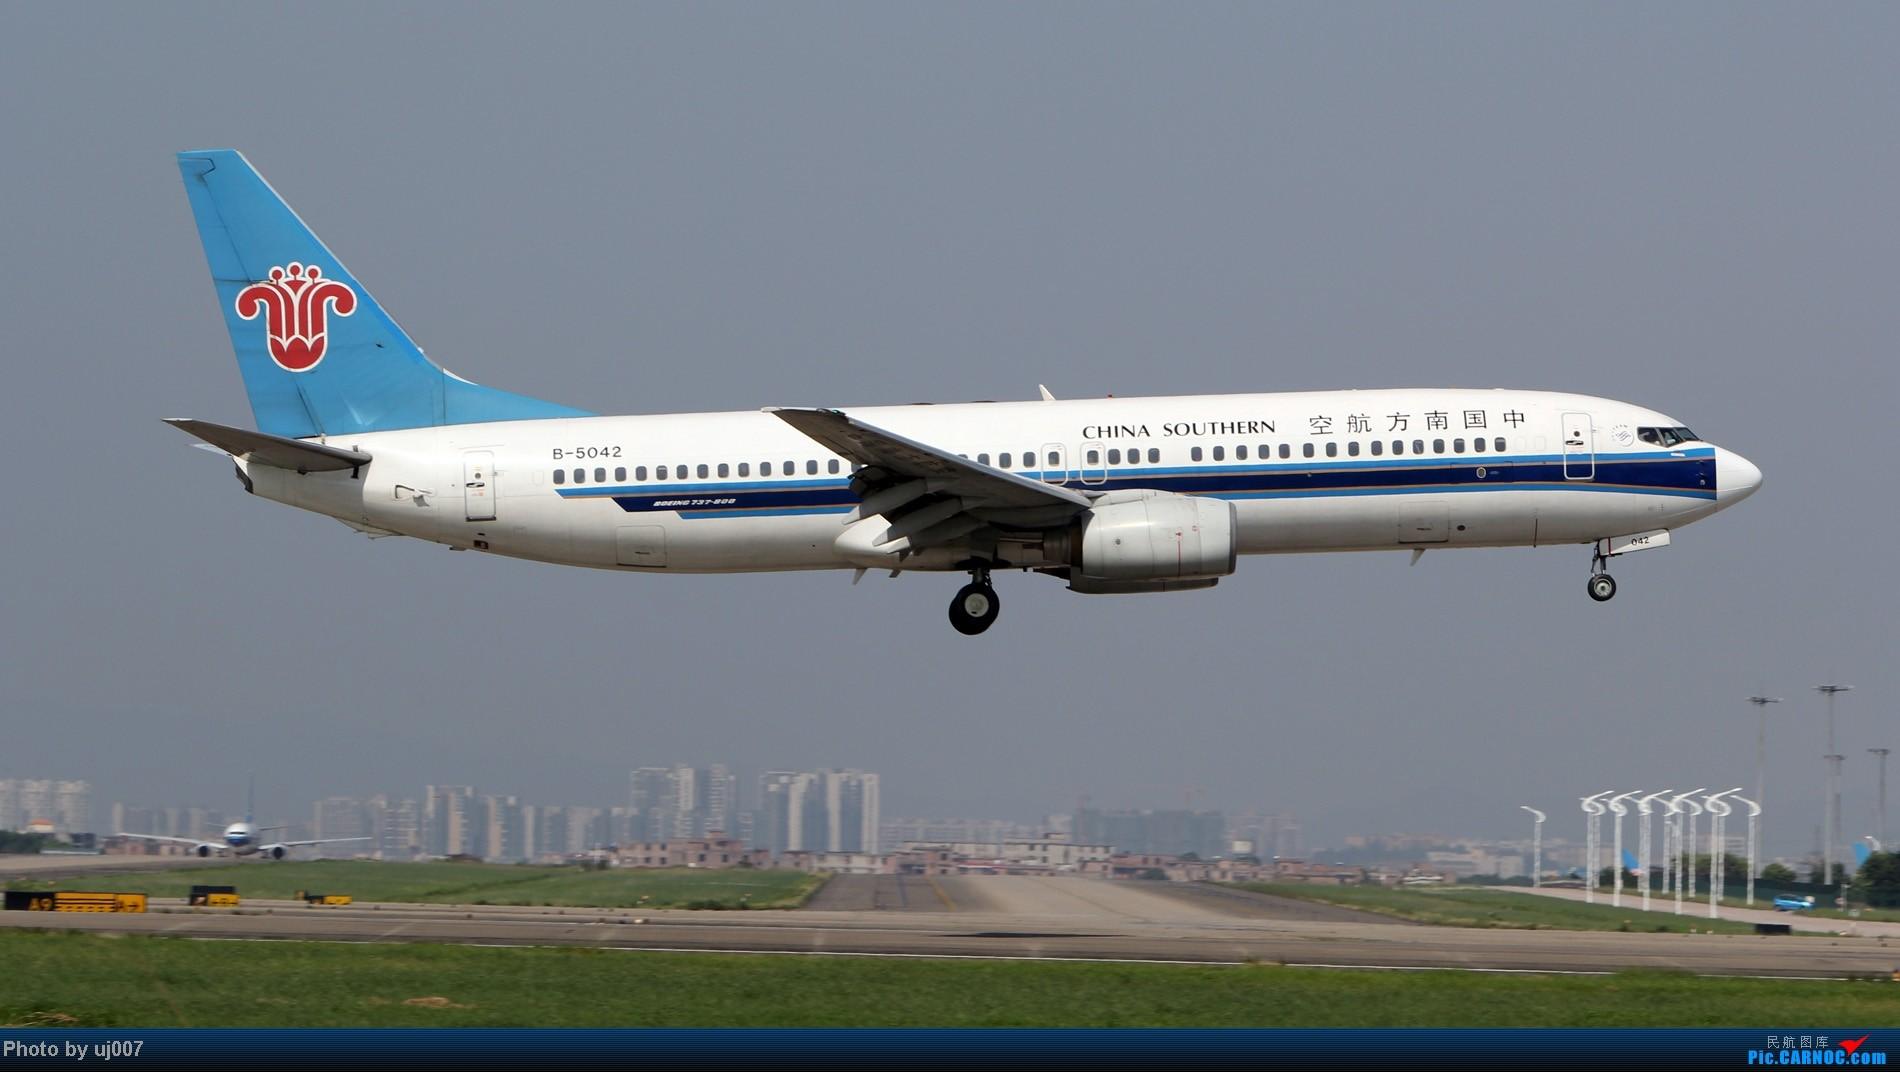 Re:[原创]10月2日白云拍机(大飞机,特别妆,外航,闪灯,擦烟)求指点. BOEING 737-800 B-5042 中国广州白云机场